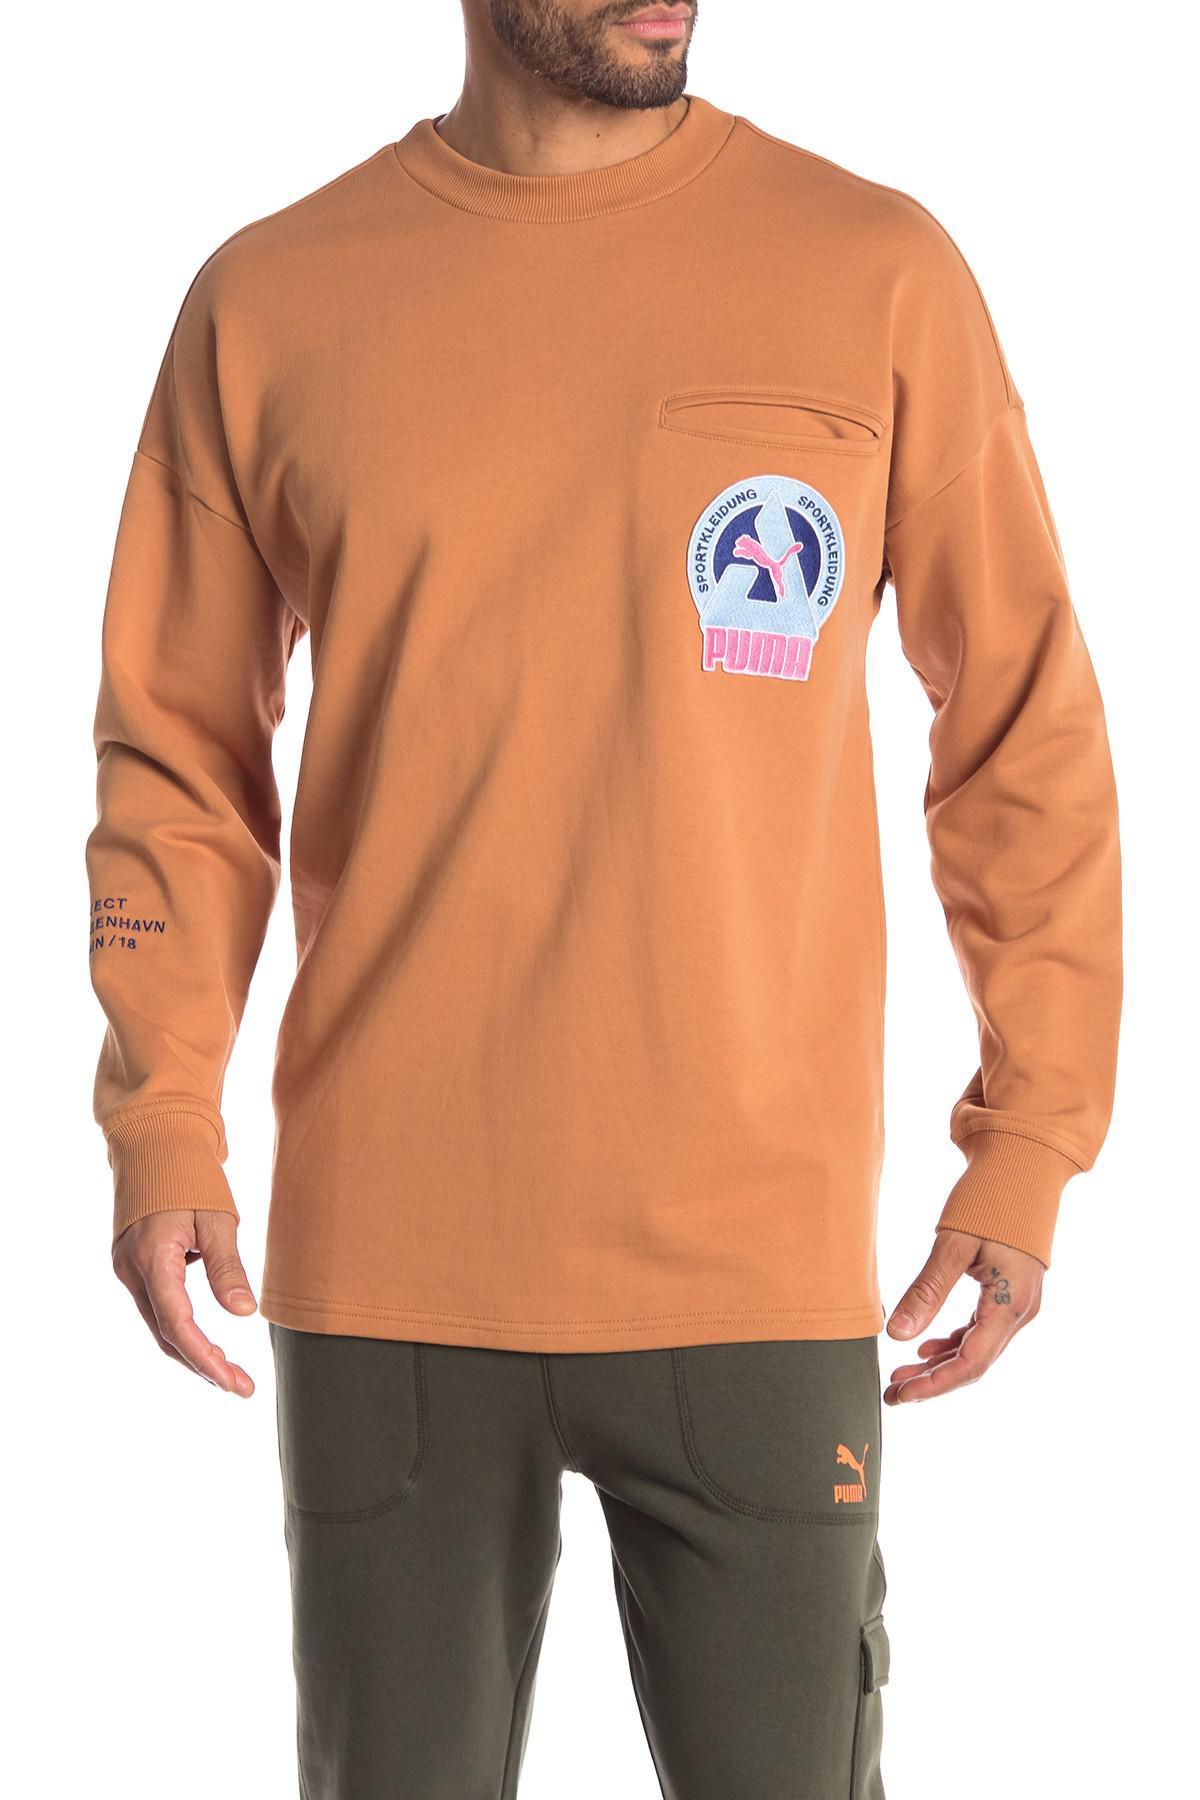 96806a64e4e5 Lyst - PUMA Han Chest Pocket Pullover in Orange for Men